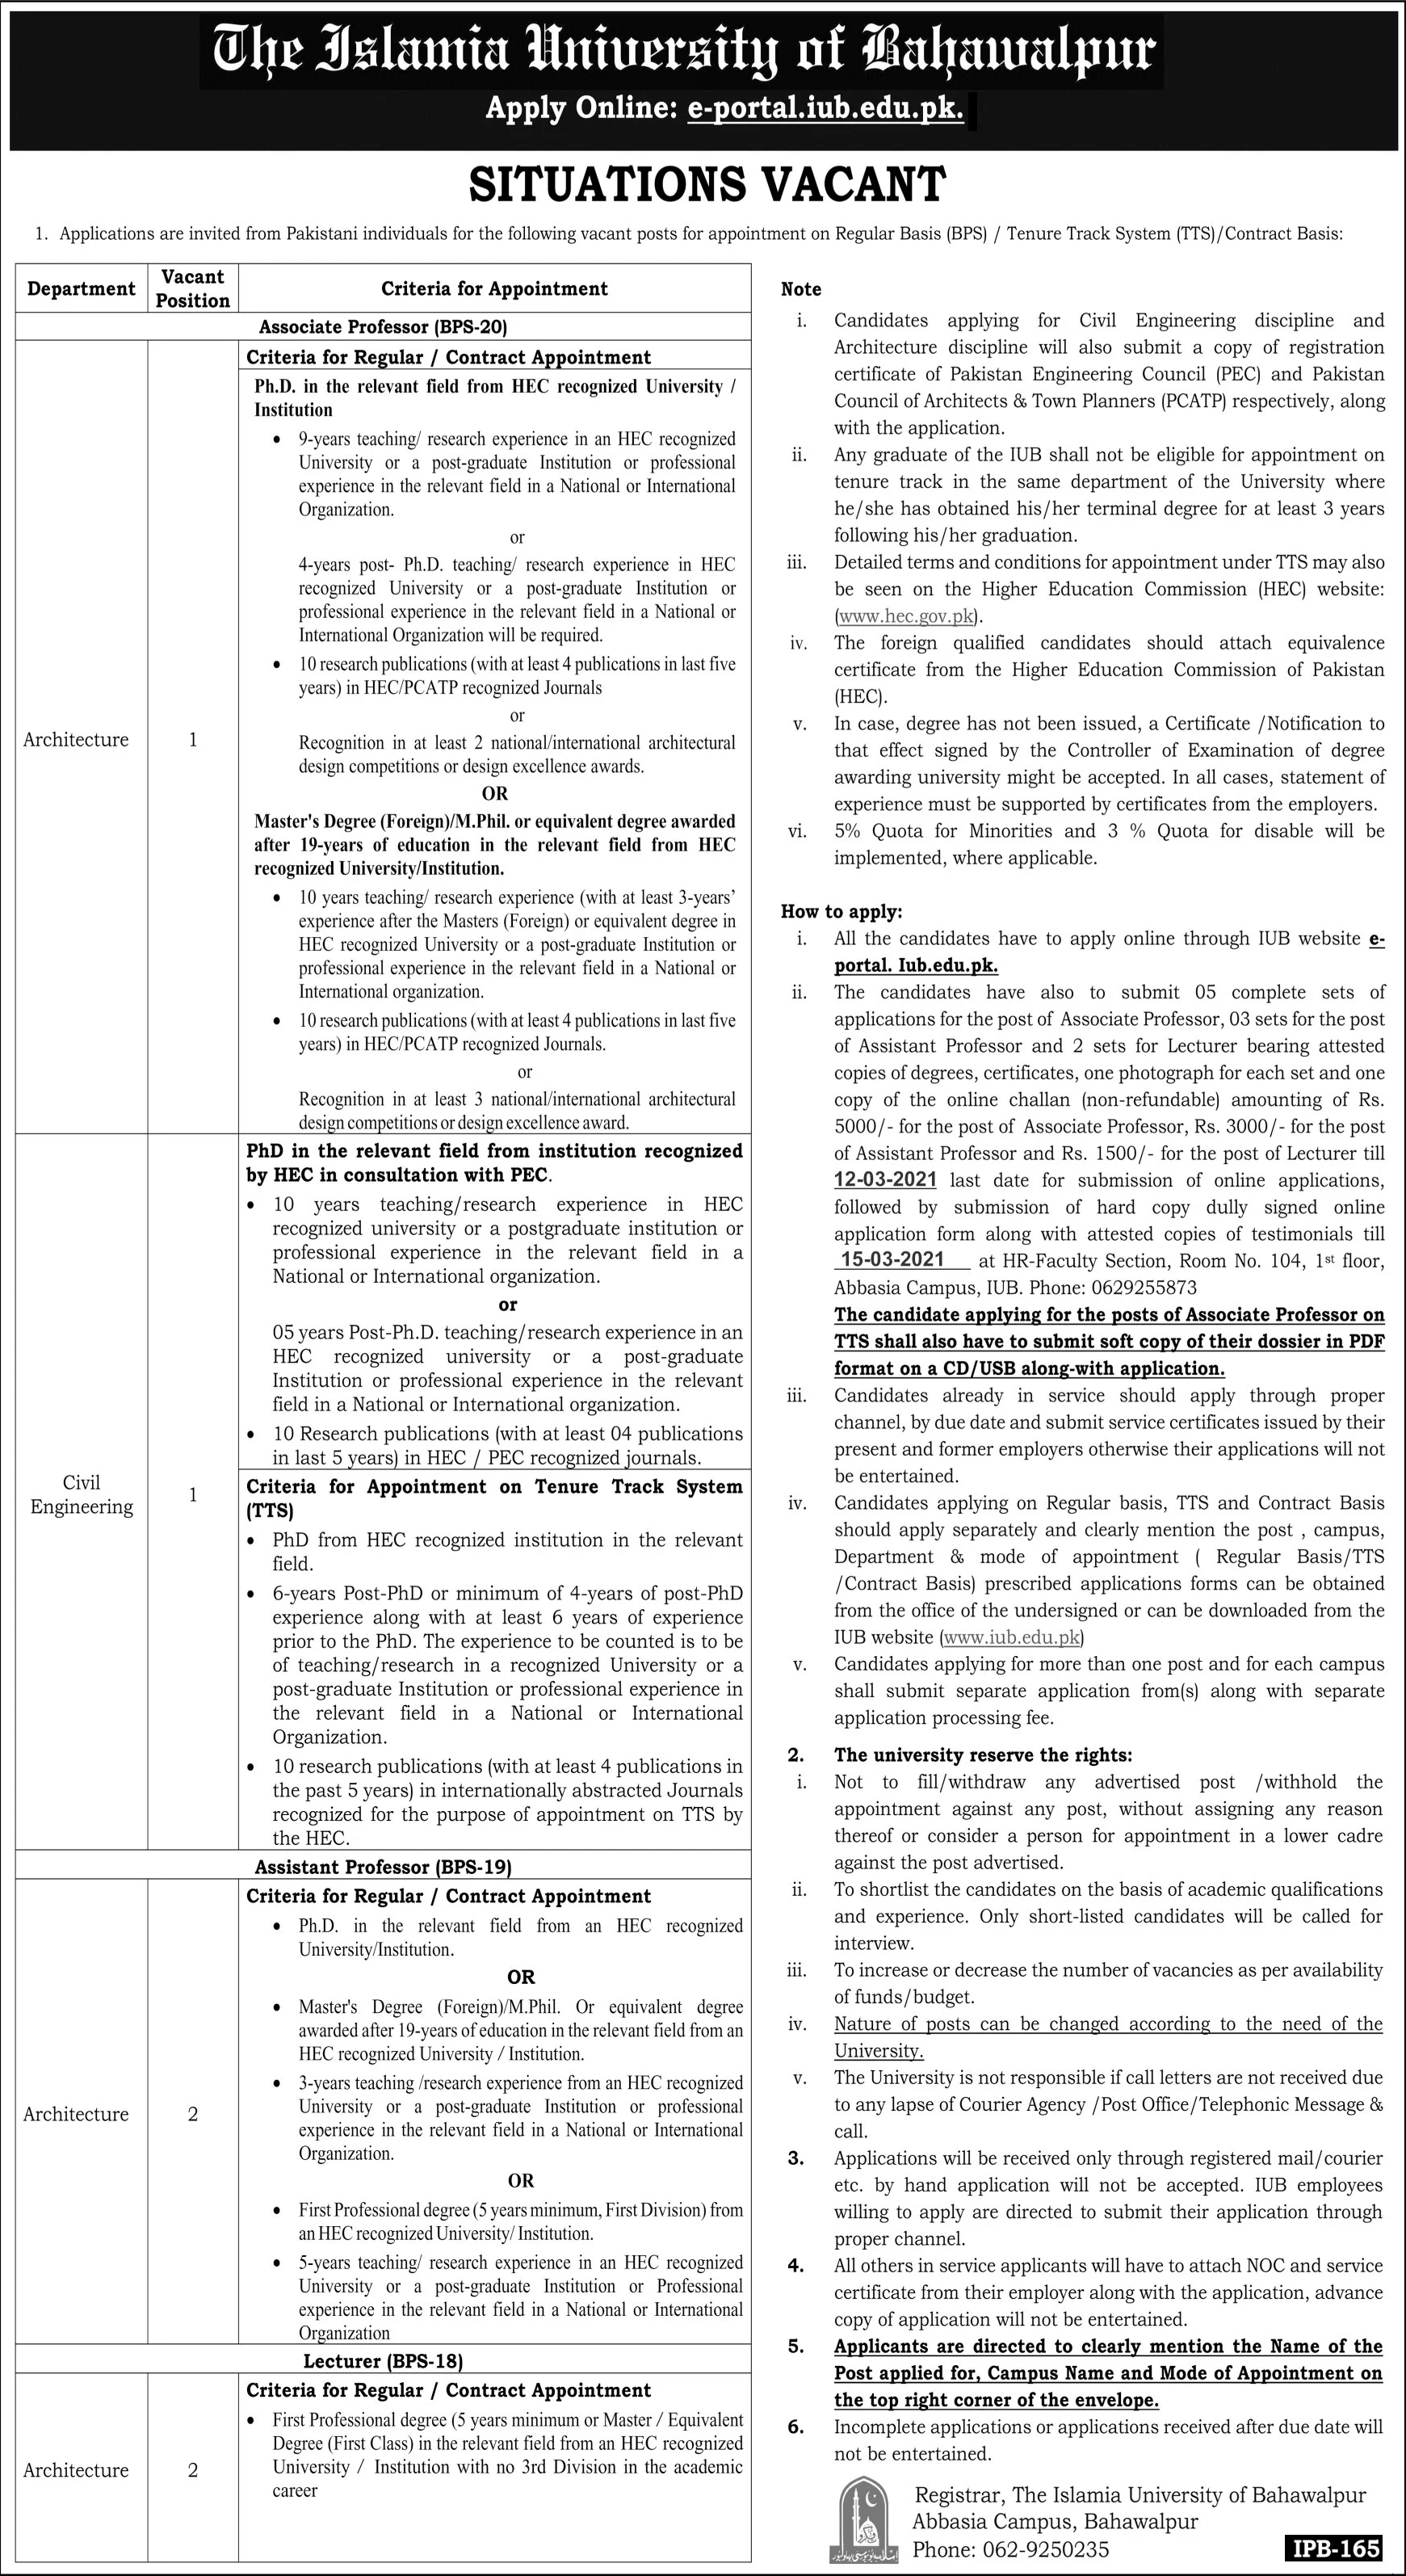 Jobs in Islamia University of Bahawalpur 22 February 2021